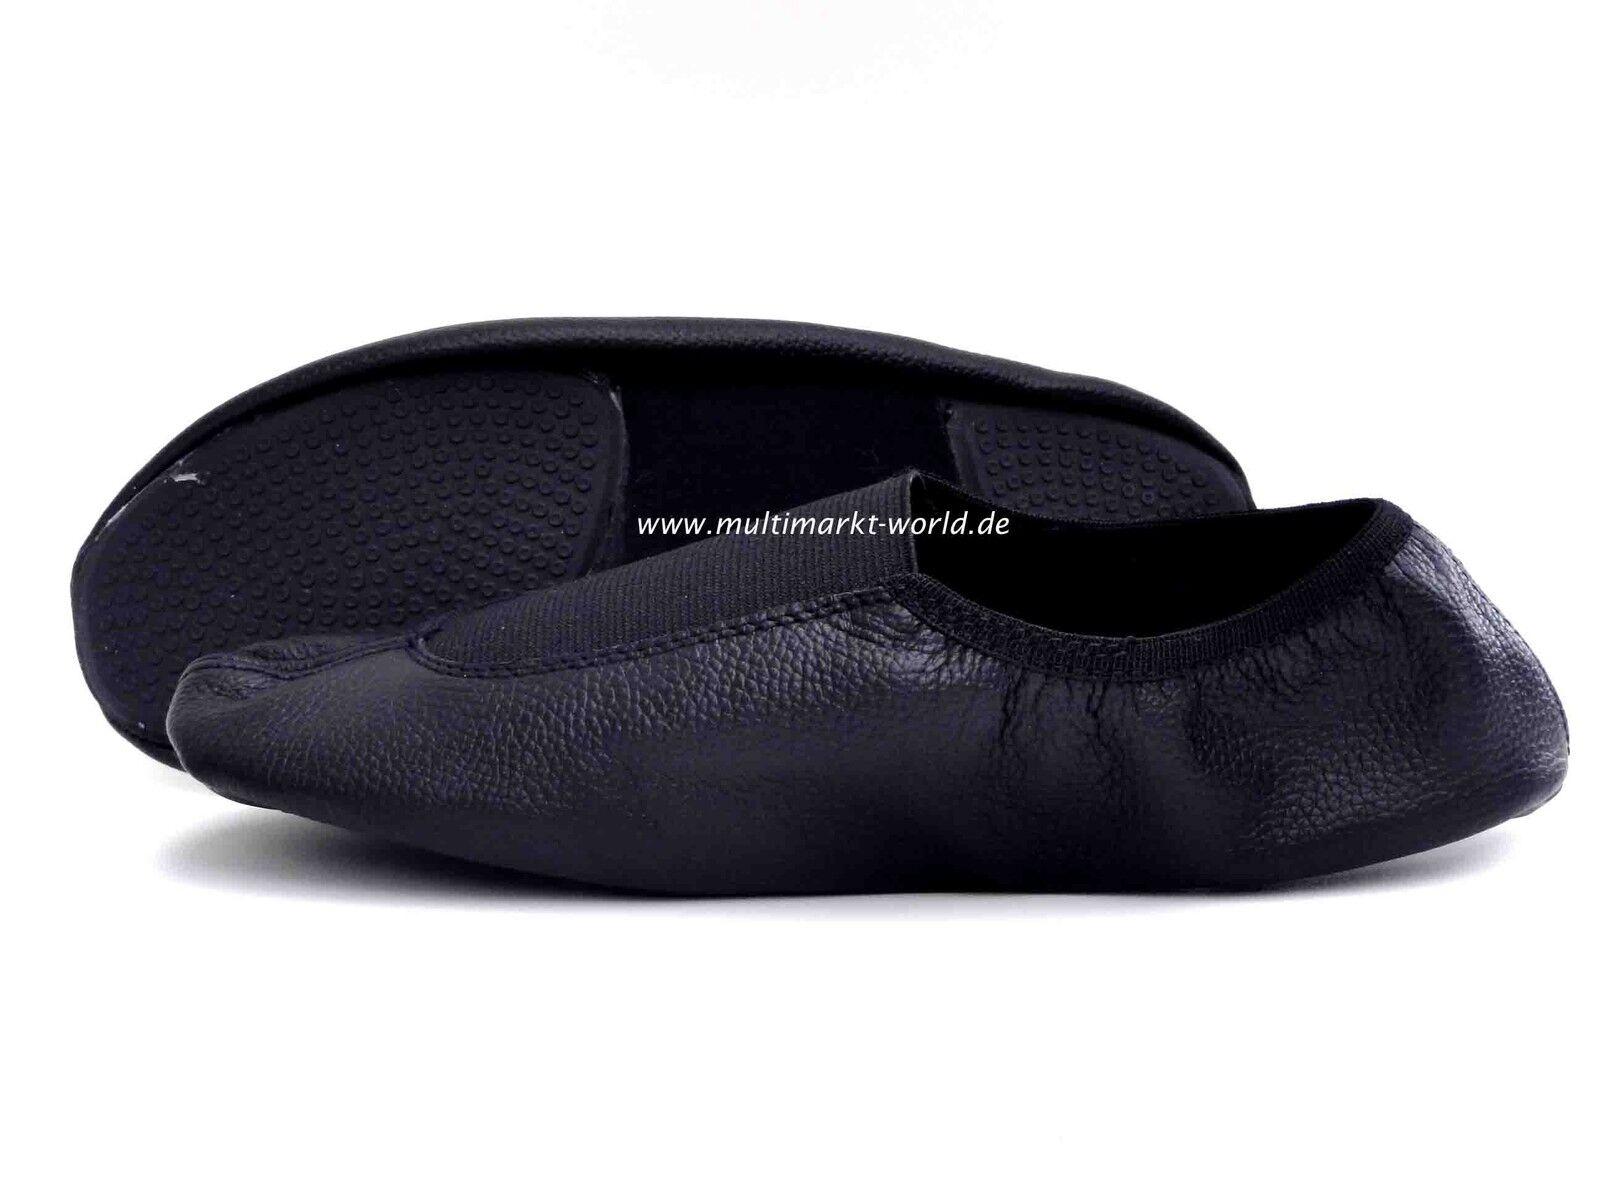 Bleyer 3844  VOLTI-M Voltigierschuhe Leder Leder Leder schwarz Voltischläppchen NEU | Qualität und Verbraucher an erster Stelle  | München Online Shop  361dcf